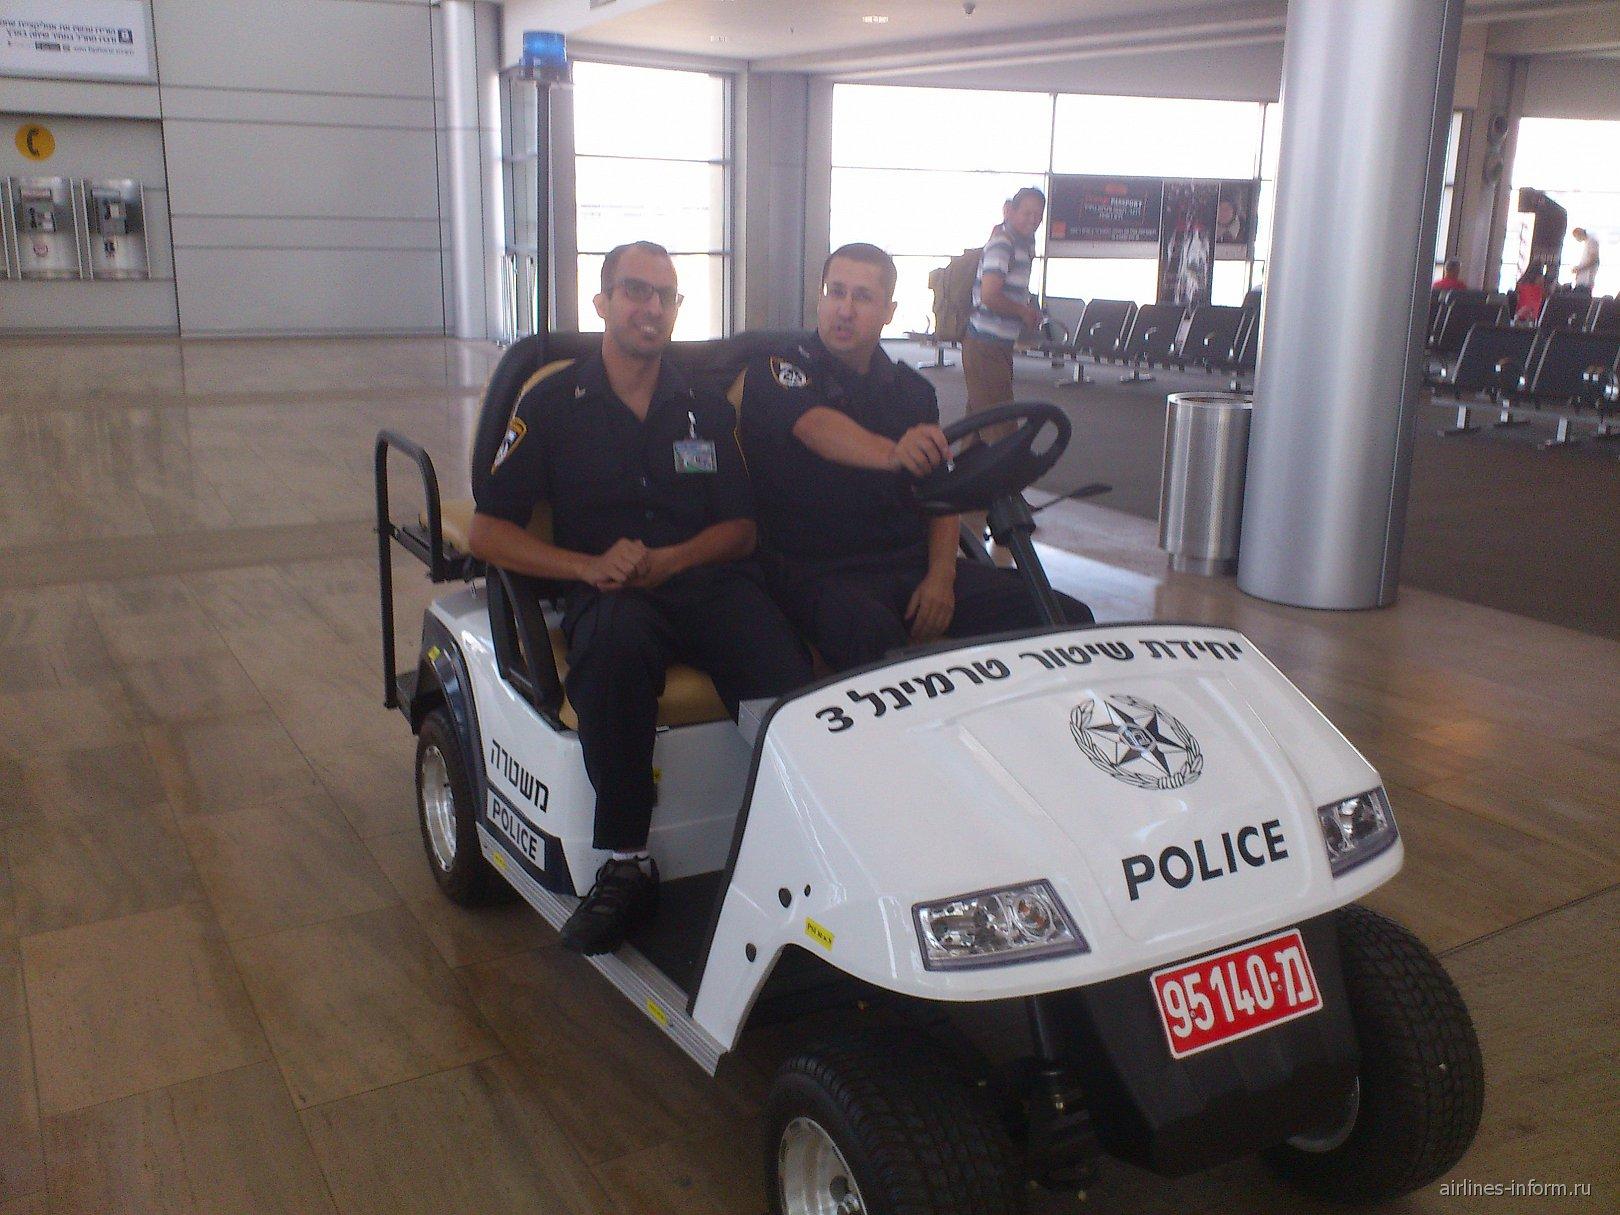 Полицейские в аэропорту Бен-Гурион в Тель-Авиве